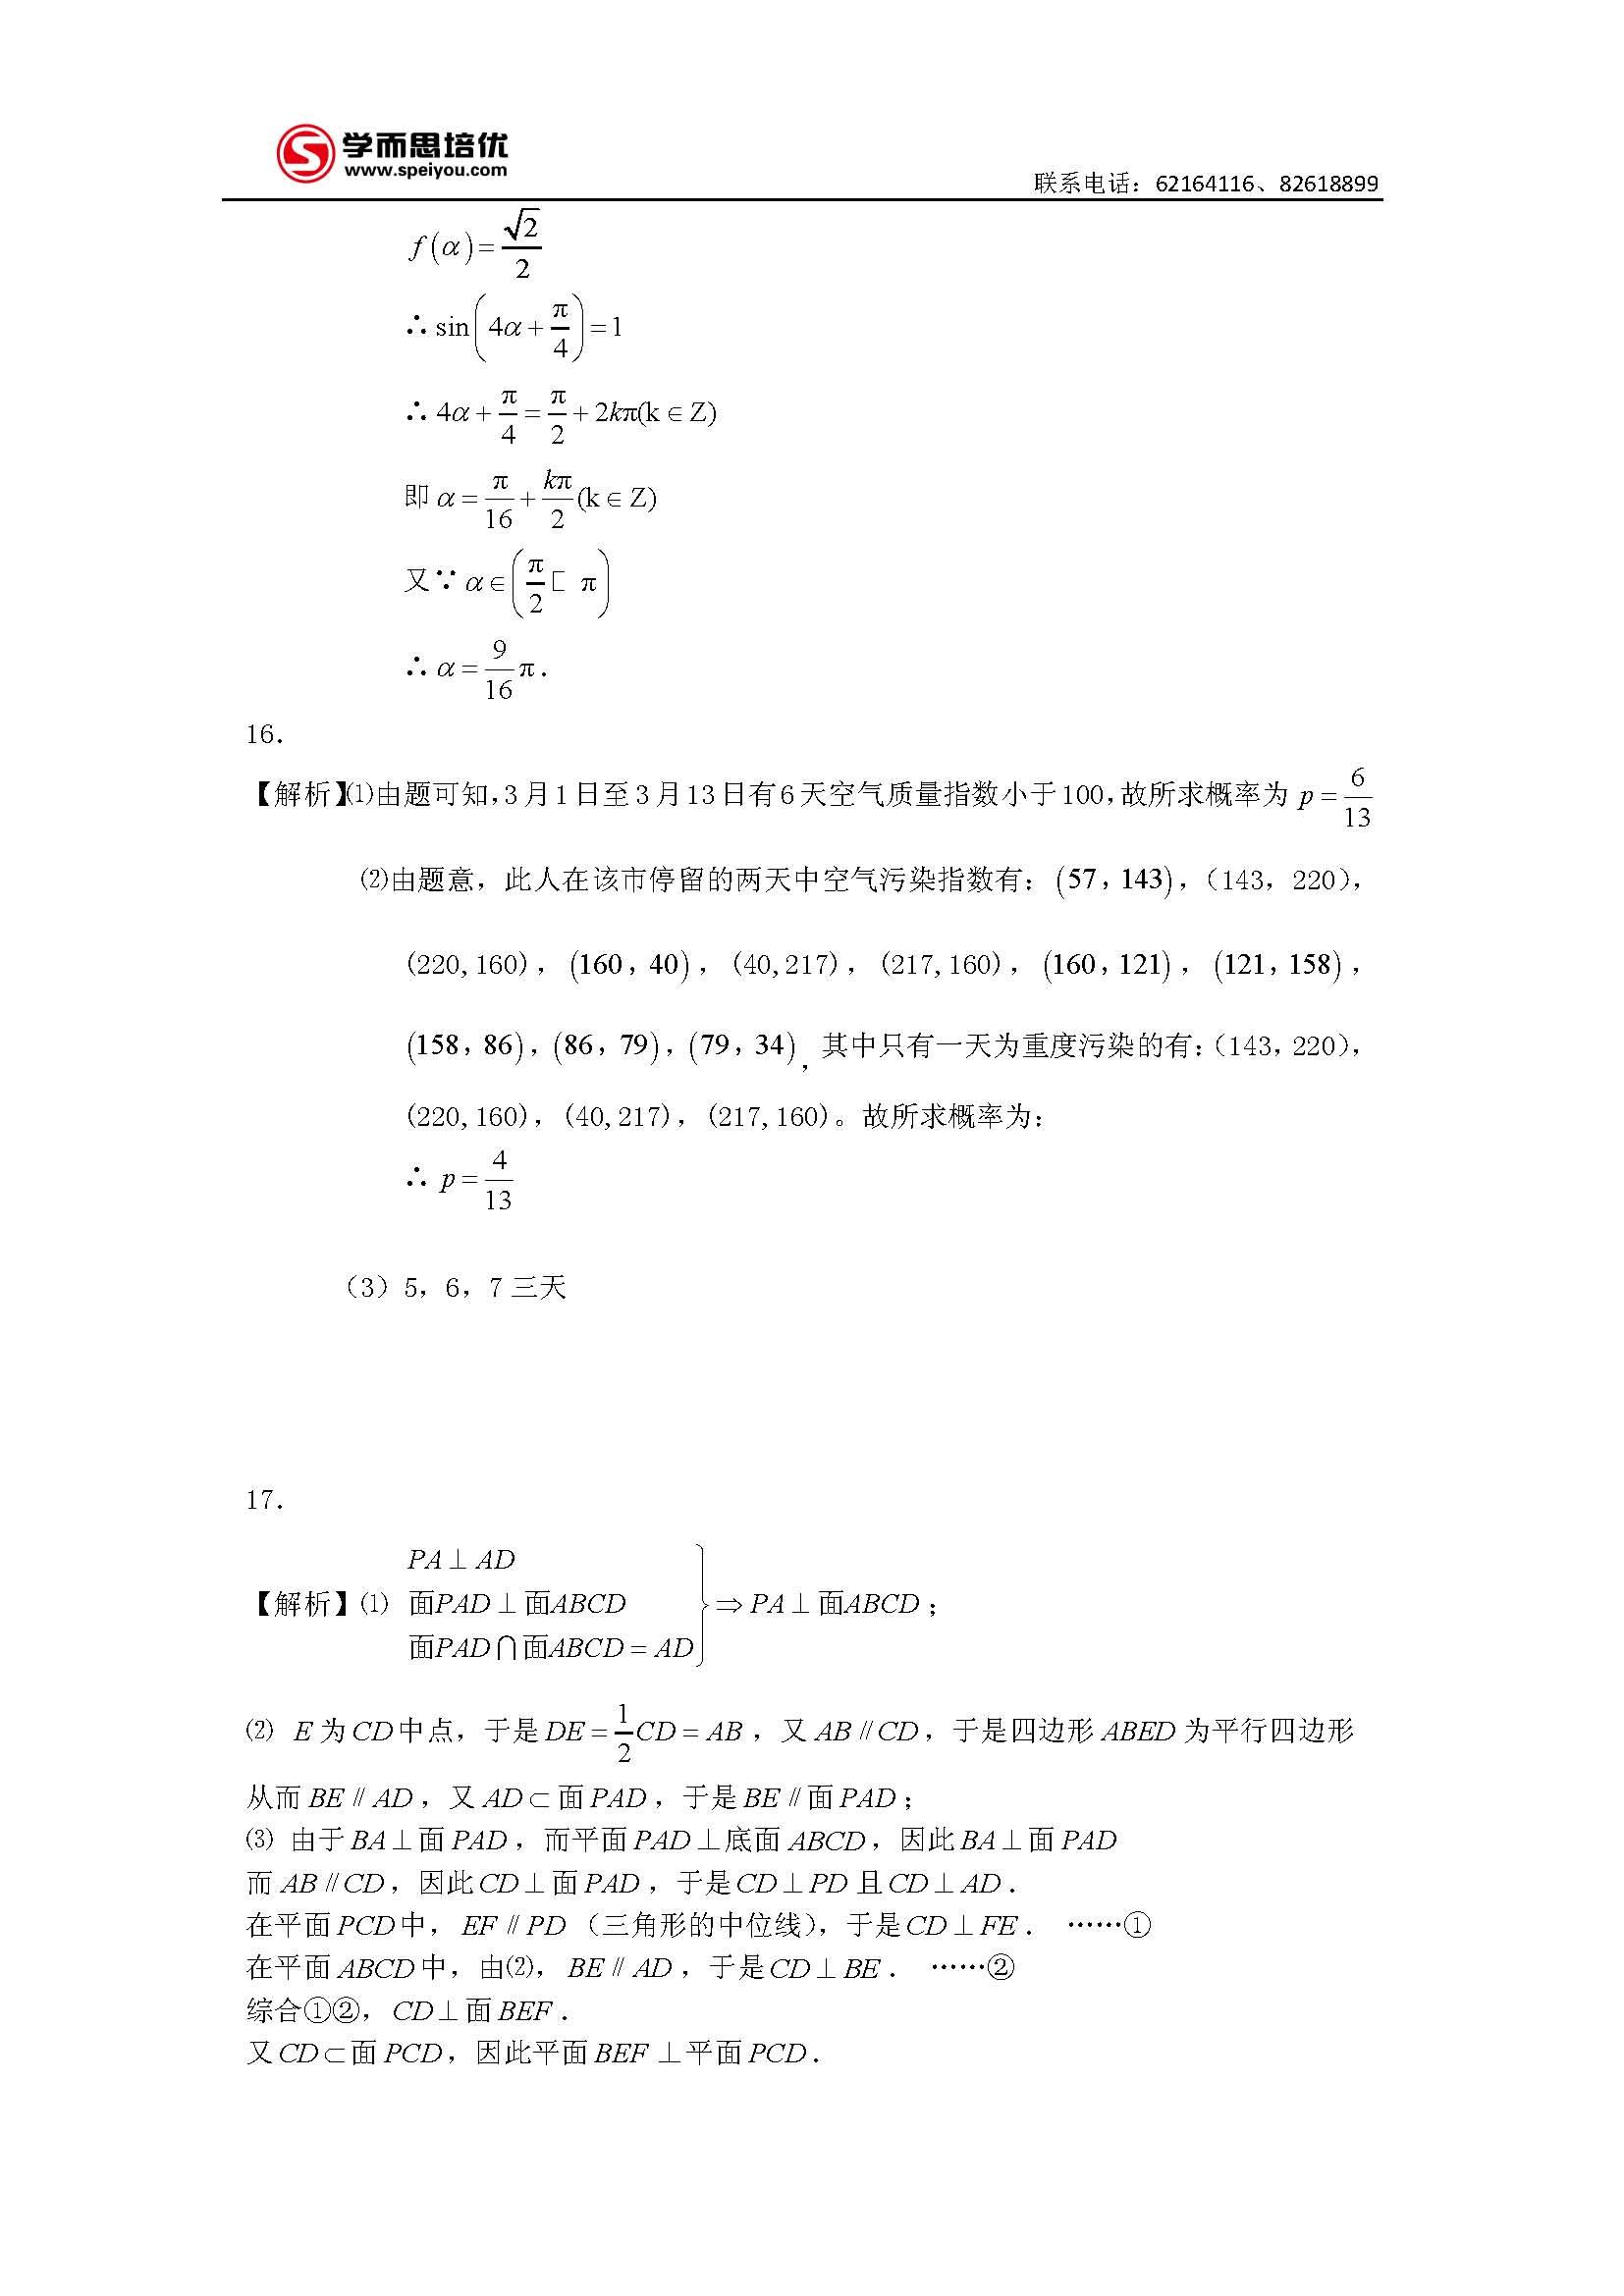 2013北京高考数学试题答案 3图片